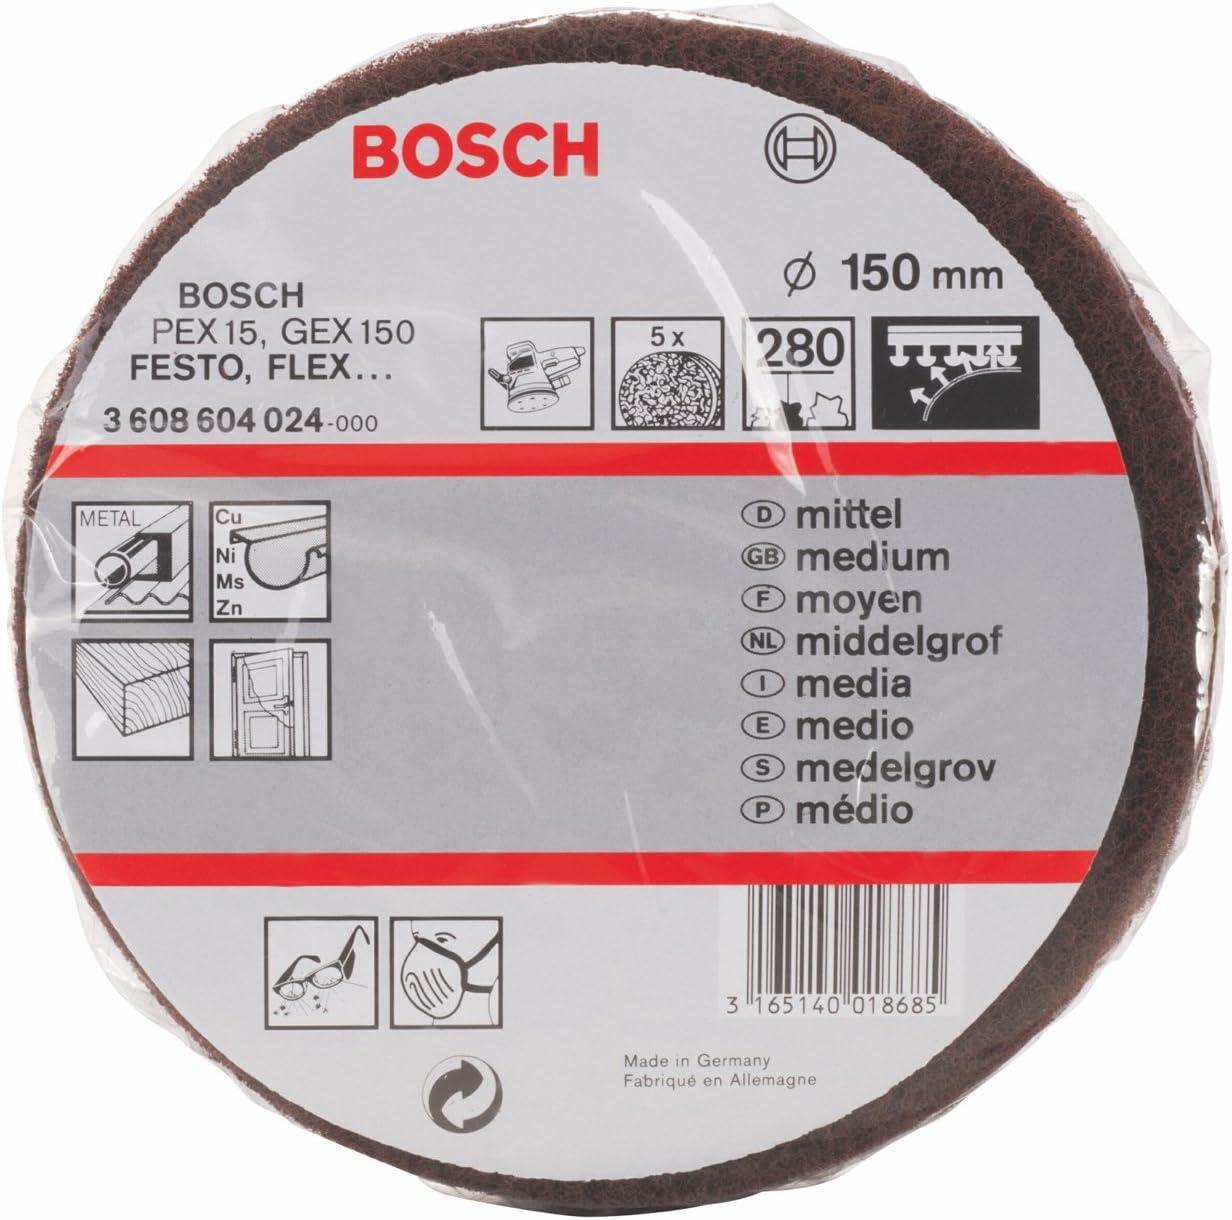 Korund 150 mm Vell/ón de lijado 280 pack de 5 mittel Bosch 3 608 604 024